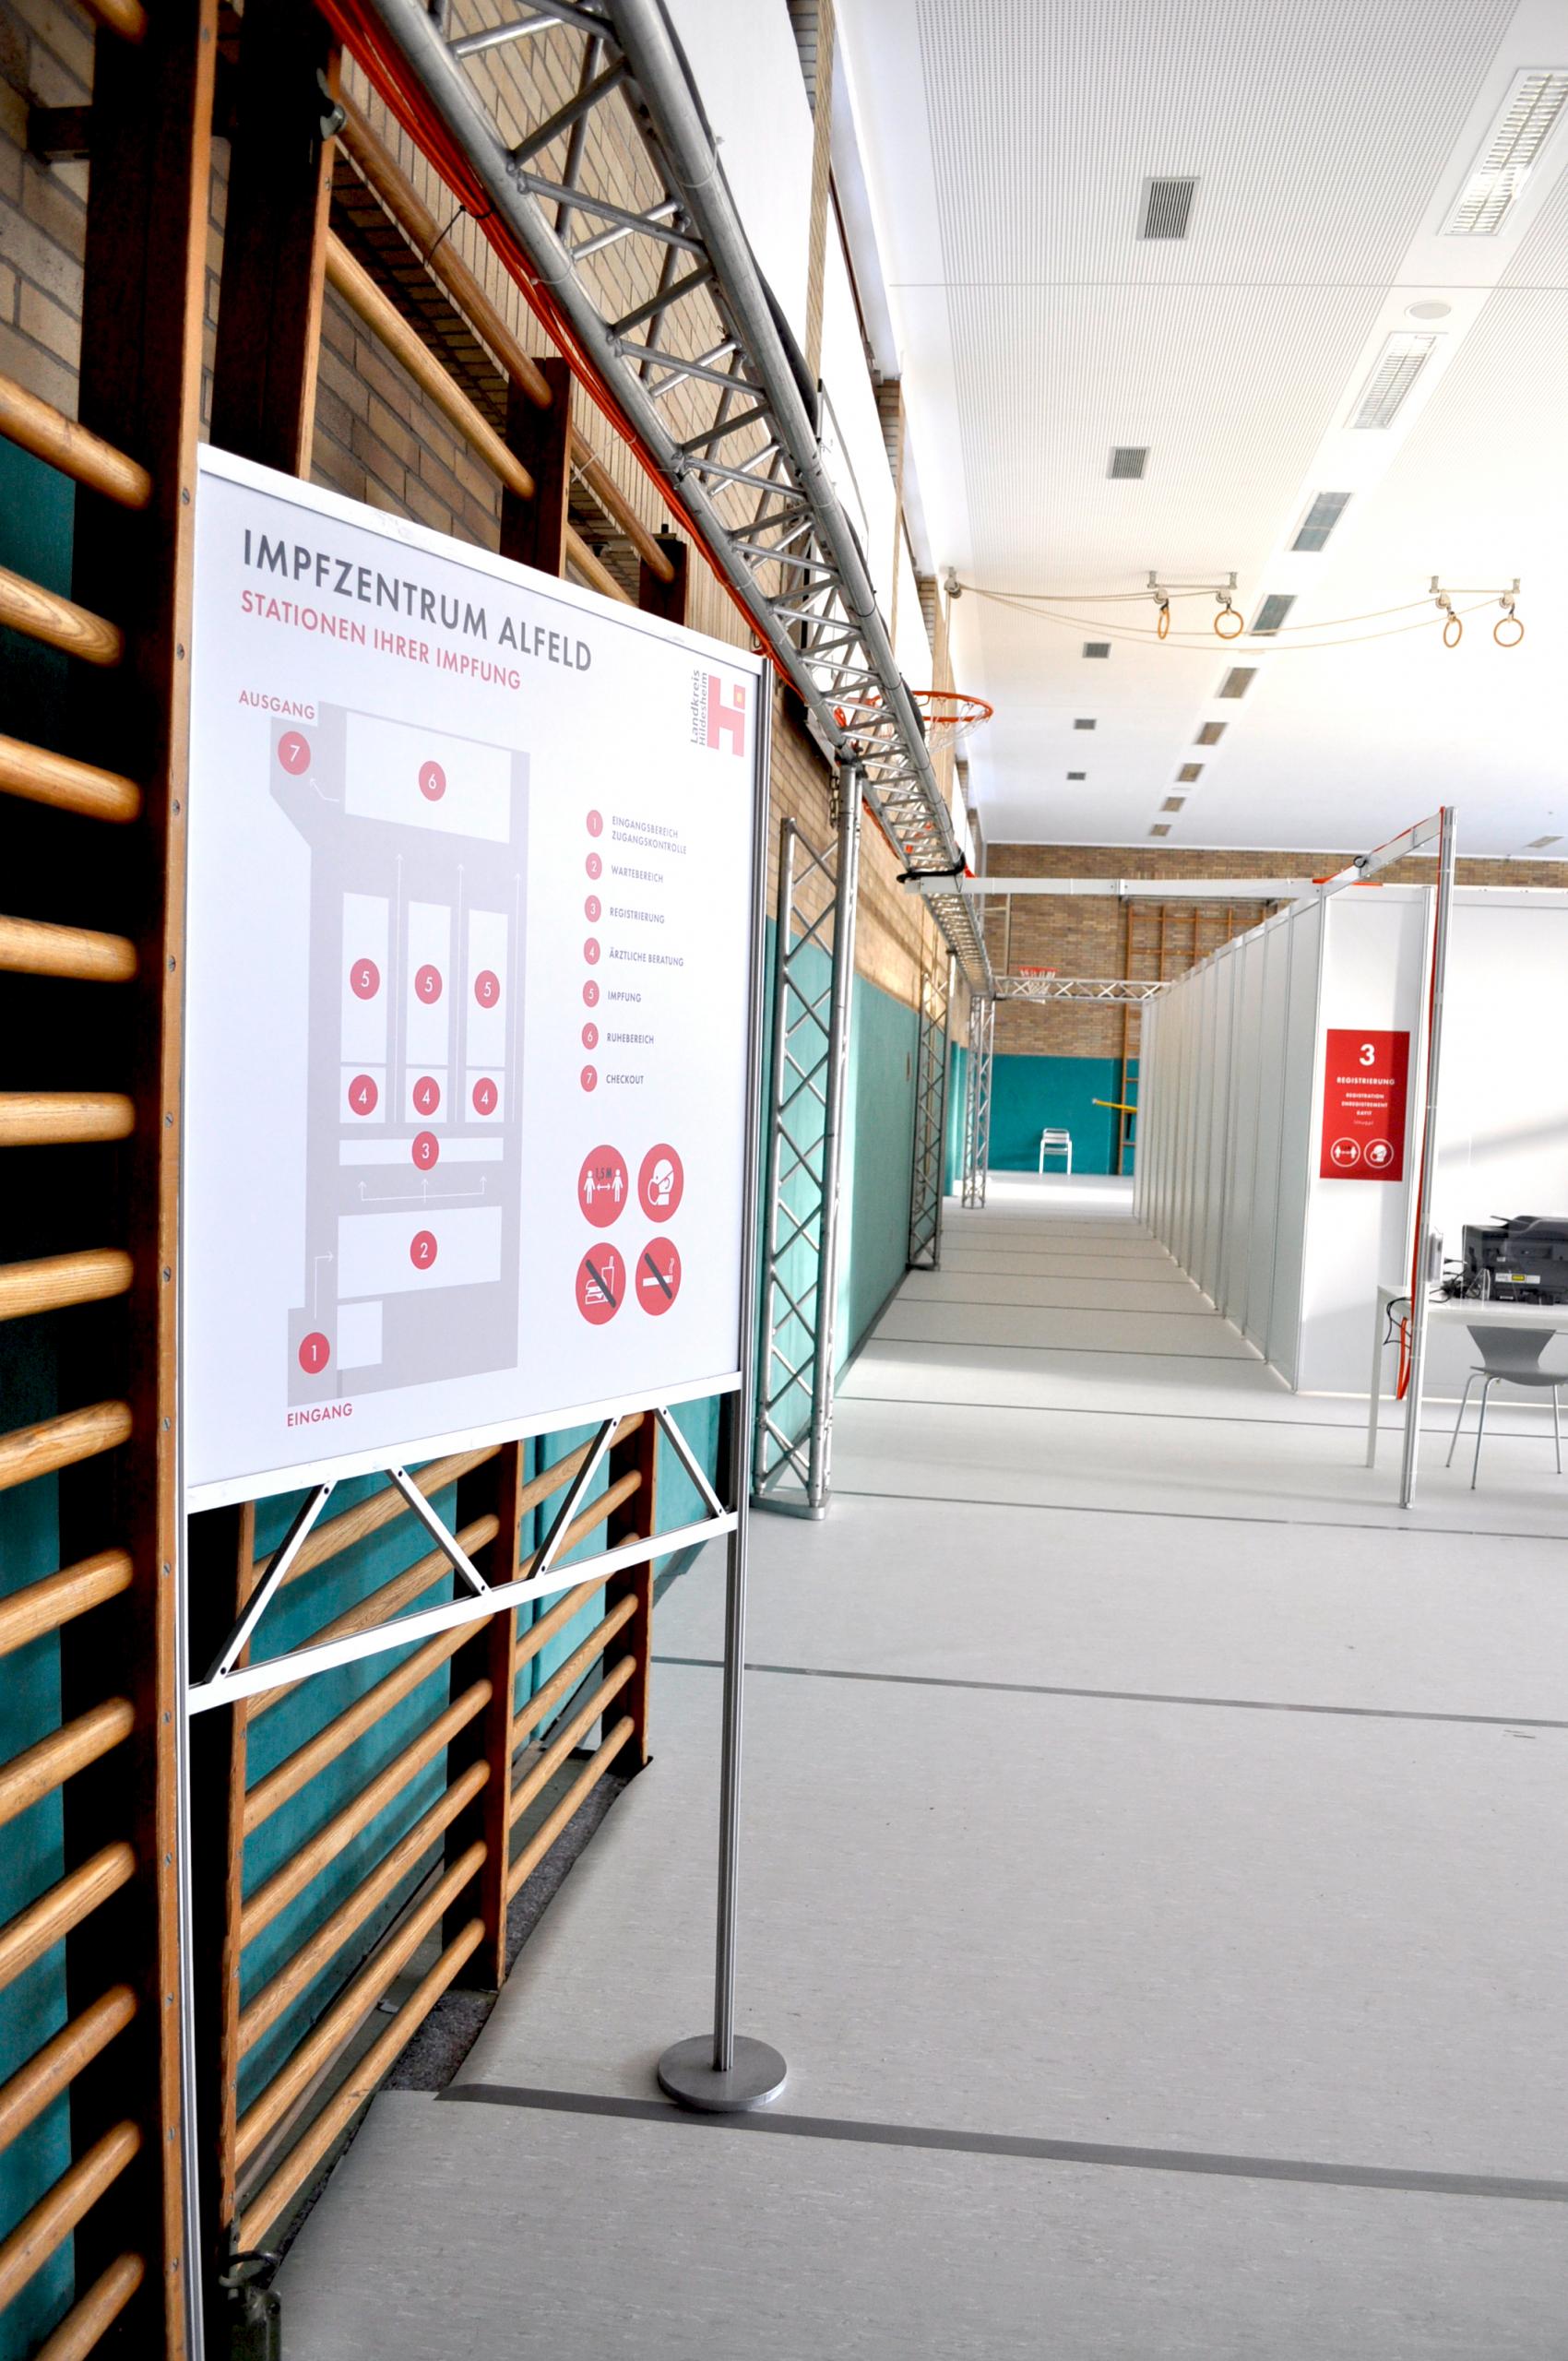 Corona Schutz: Trennwände, Spuckschutz, Möbel und Beschriftungen im Impfzentrum Alfeld